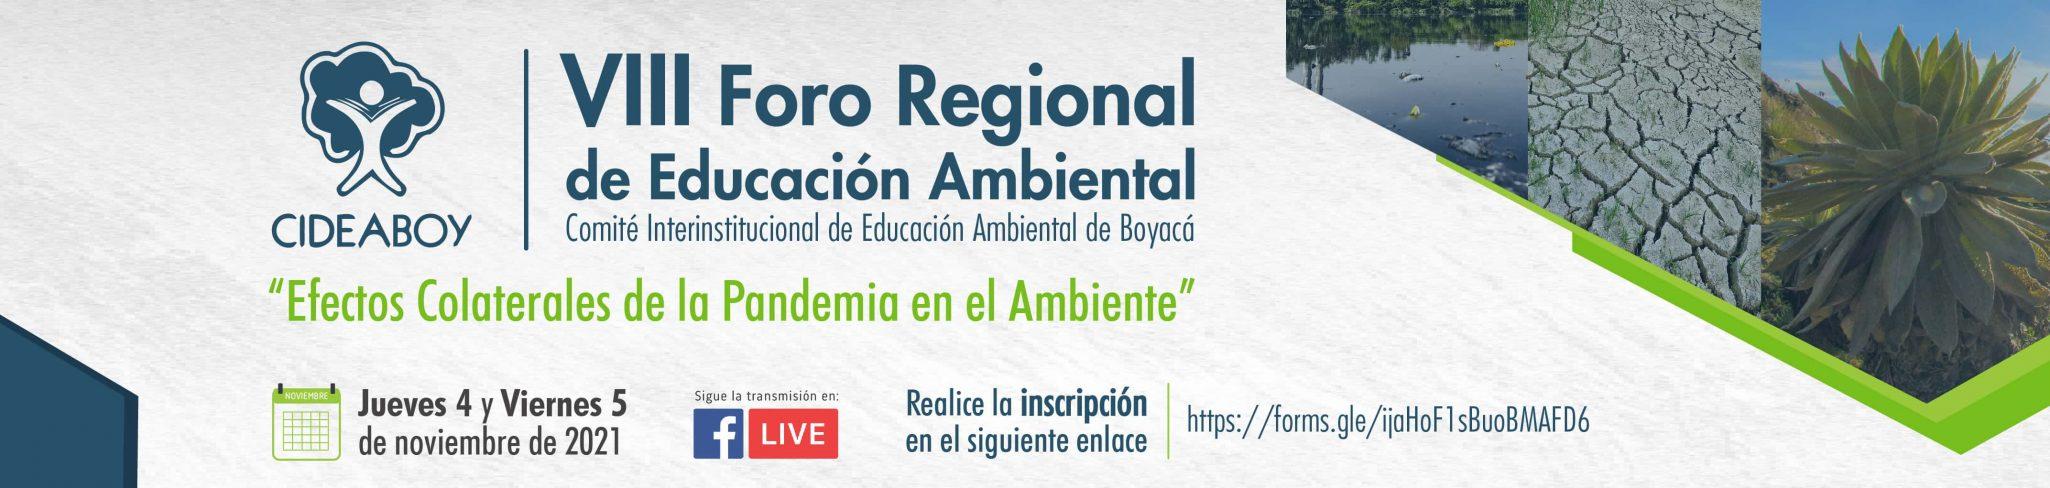 Foto VIII Foro Regional Educación Ambiental – CIDEABOY